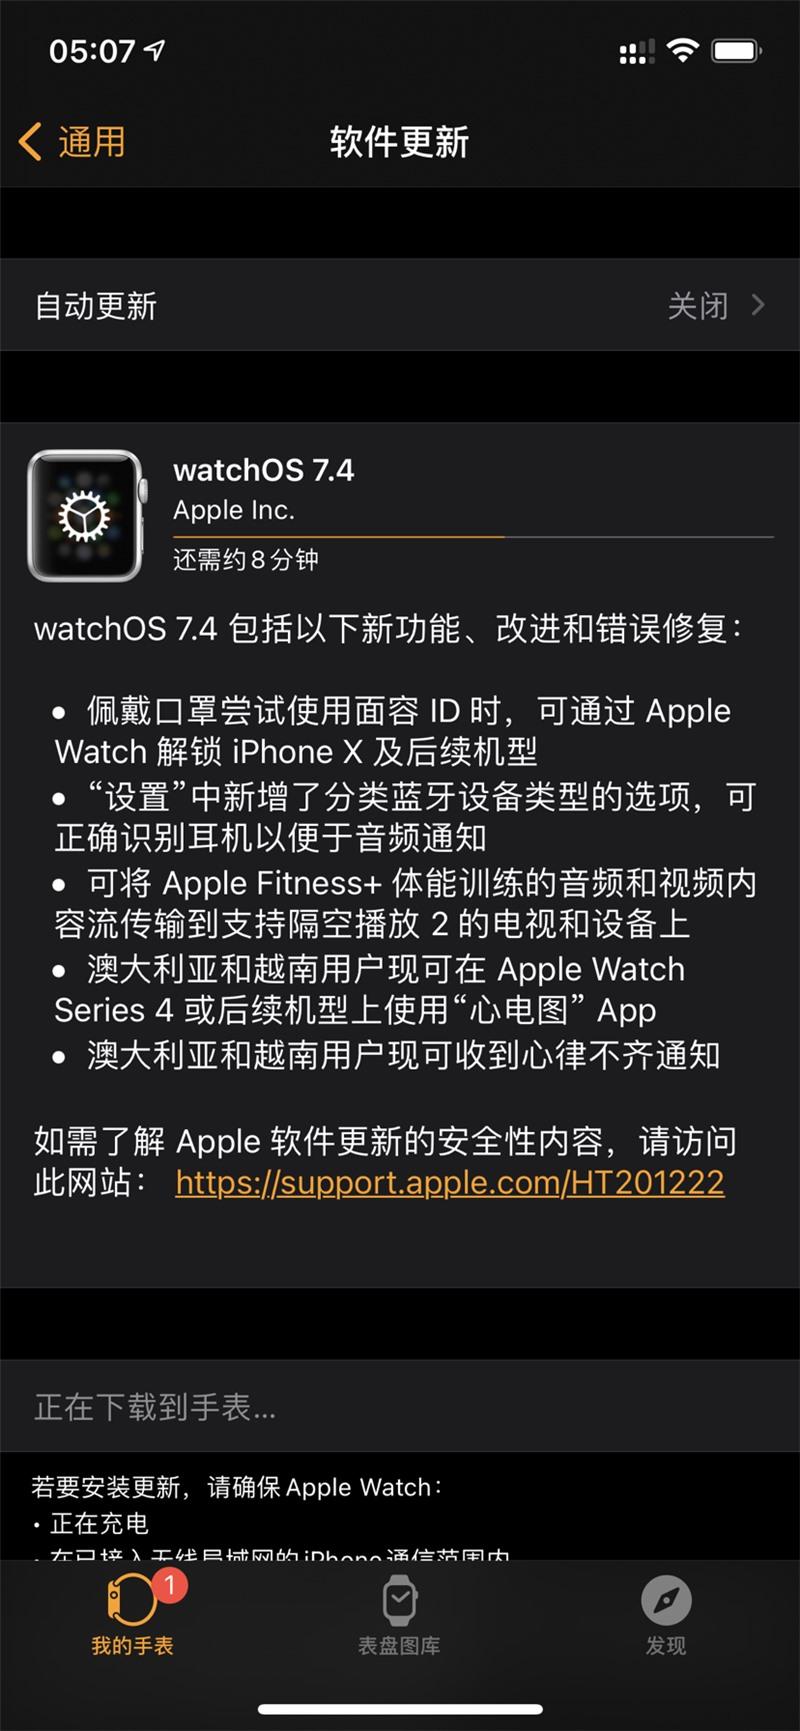 苹果发布 watchOS 7.4 正式版更新 可解锁iPhoneX及后续机型截图